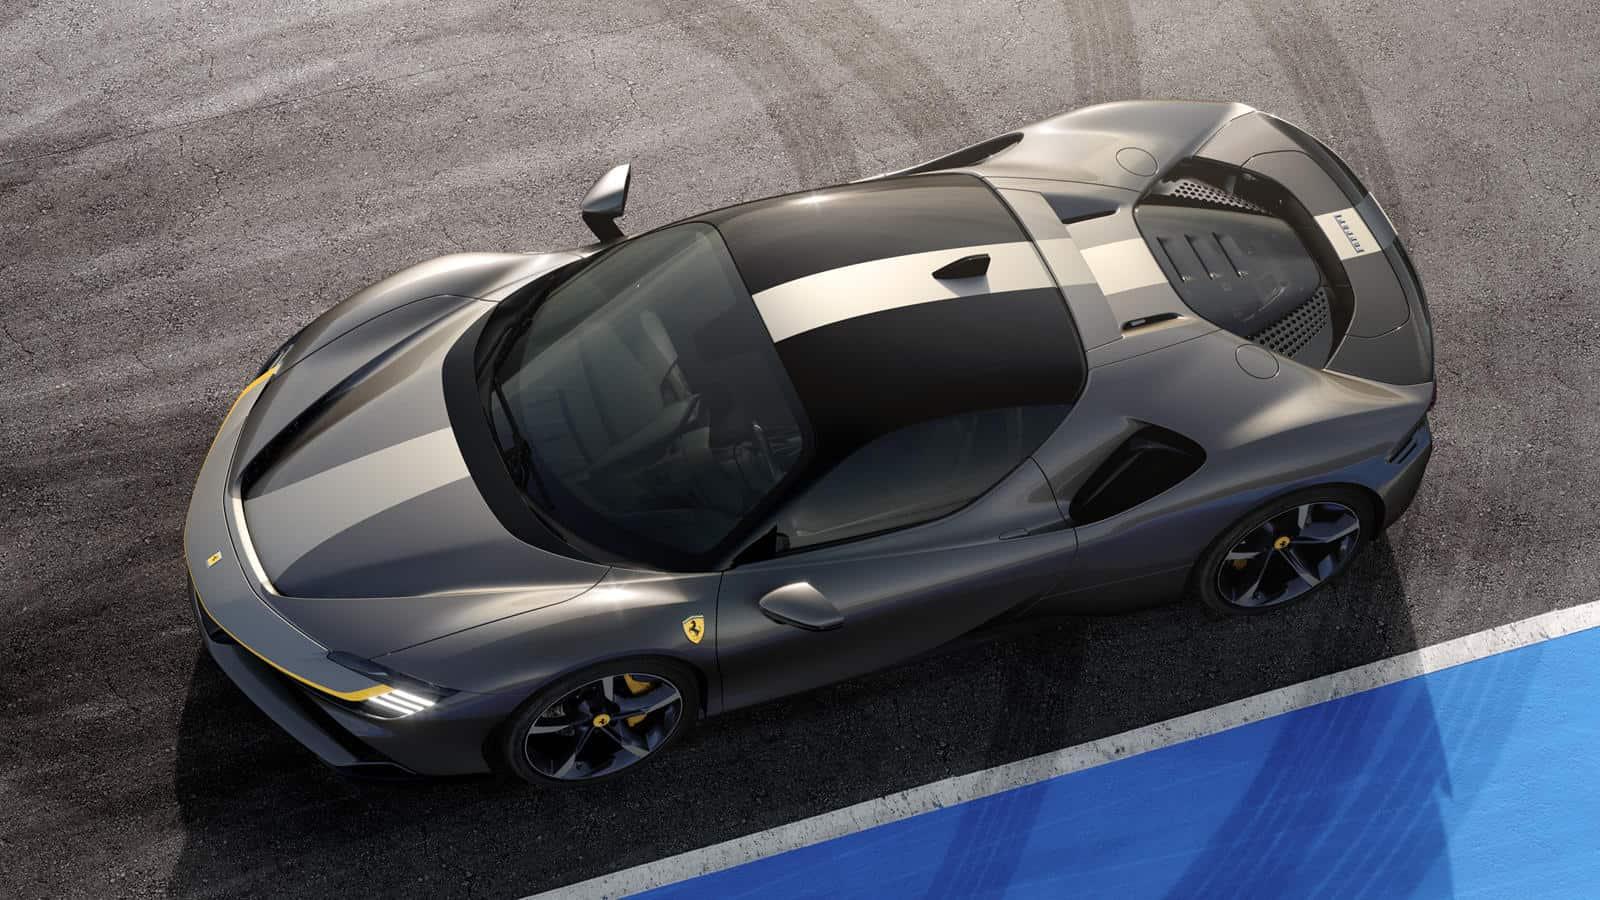 El híbrido enchufable Ferrari SF90 Stradale en gris